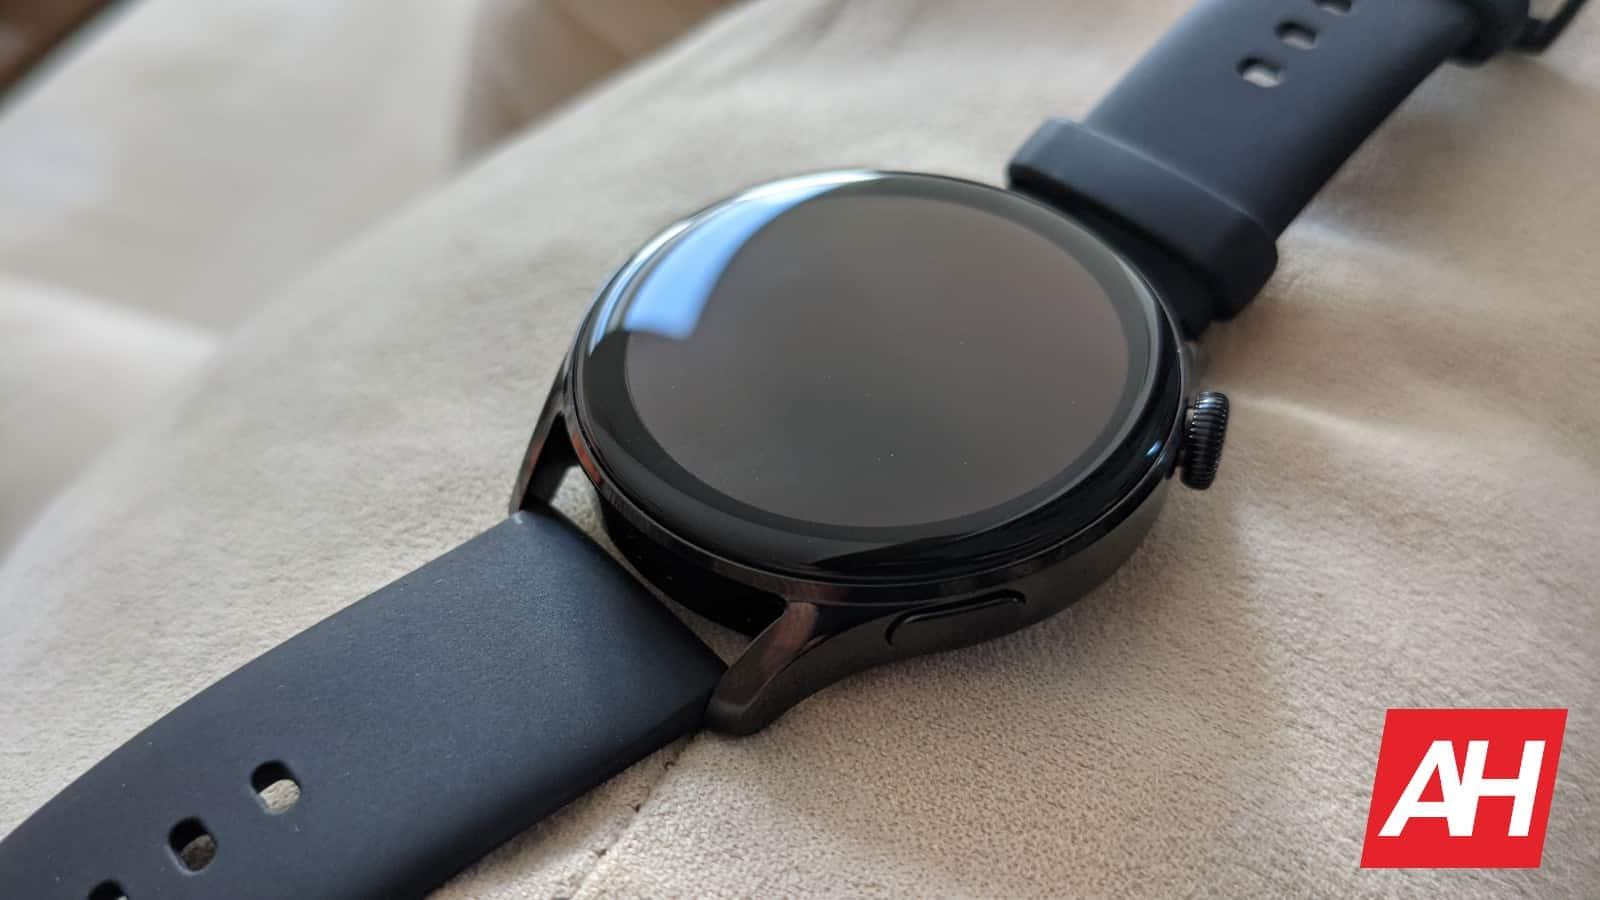 AH Huawei Watch 3 image 17